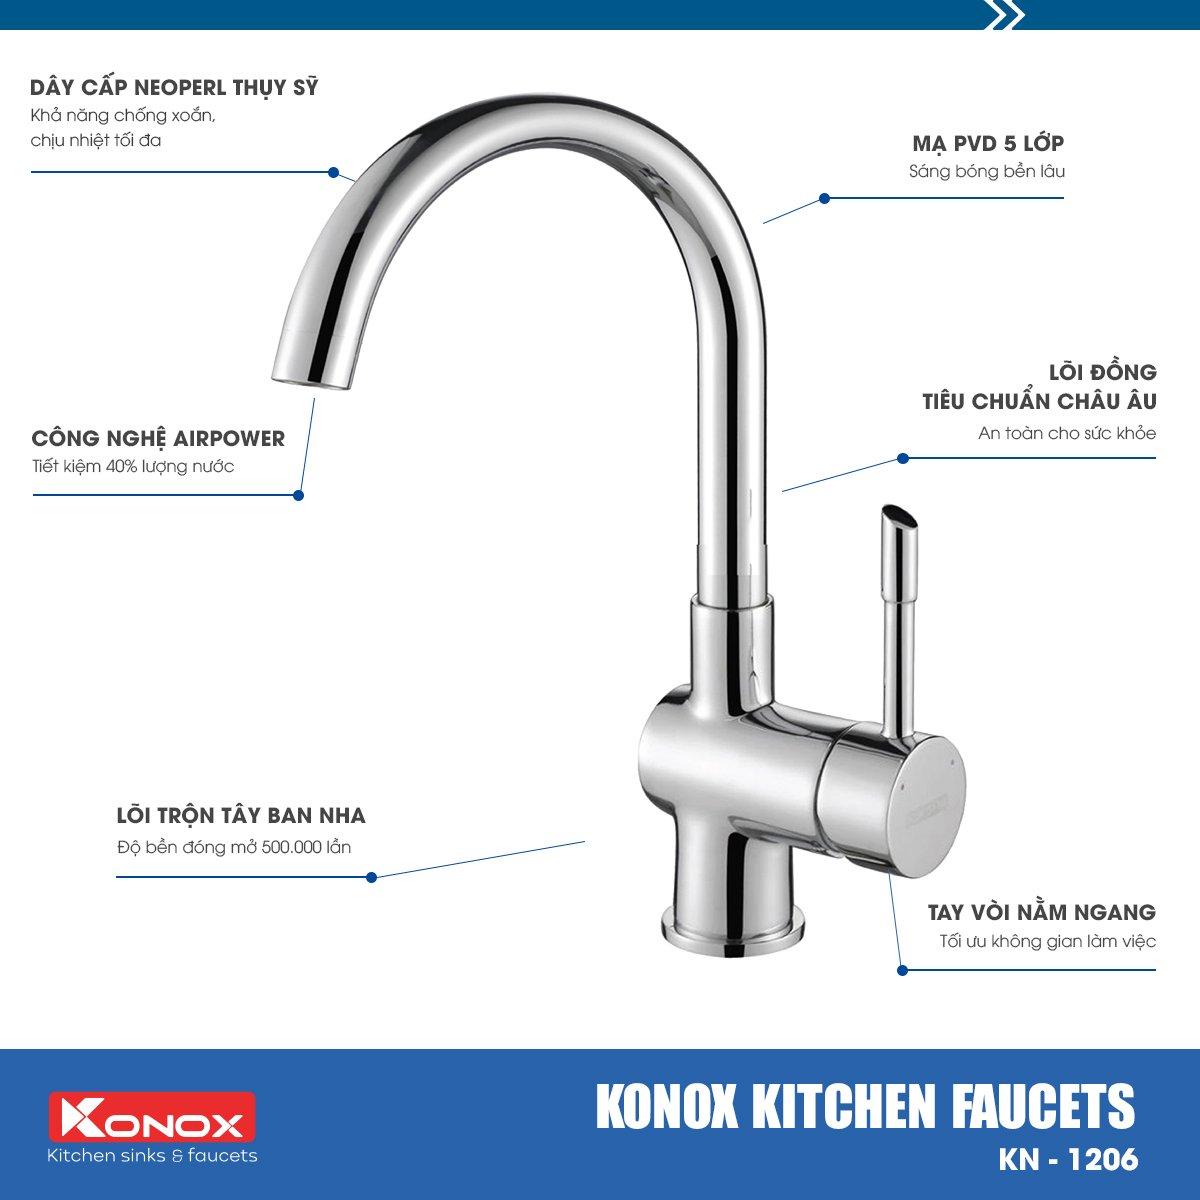 Vòi rửa bát KN1206 - Chậu vòi rửa bát cao cấp, chậu vòi nhà bếp /Konox